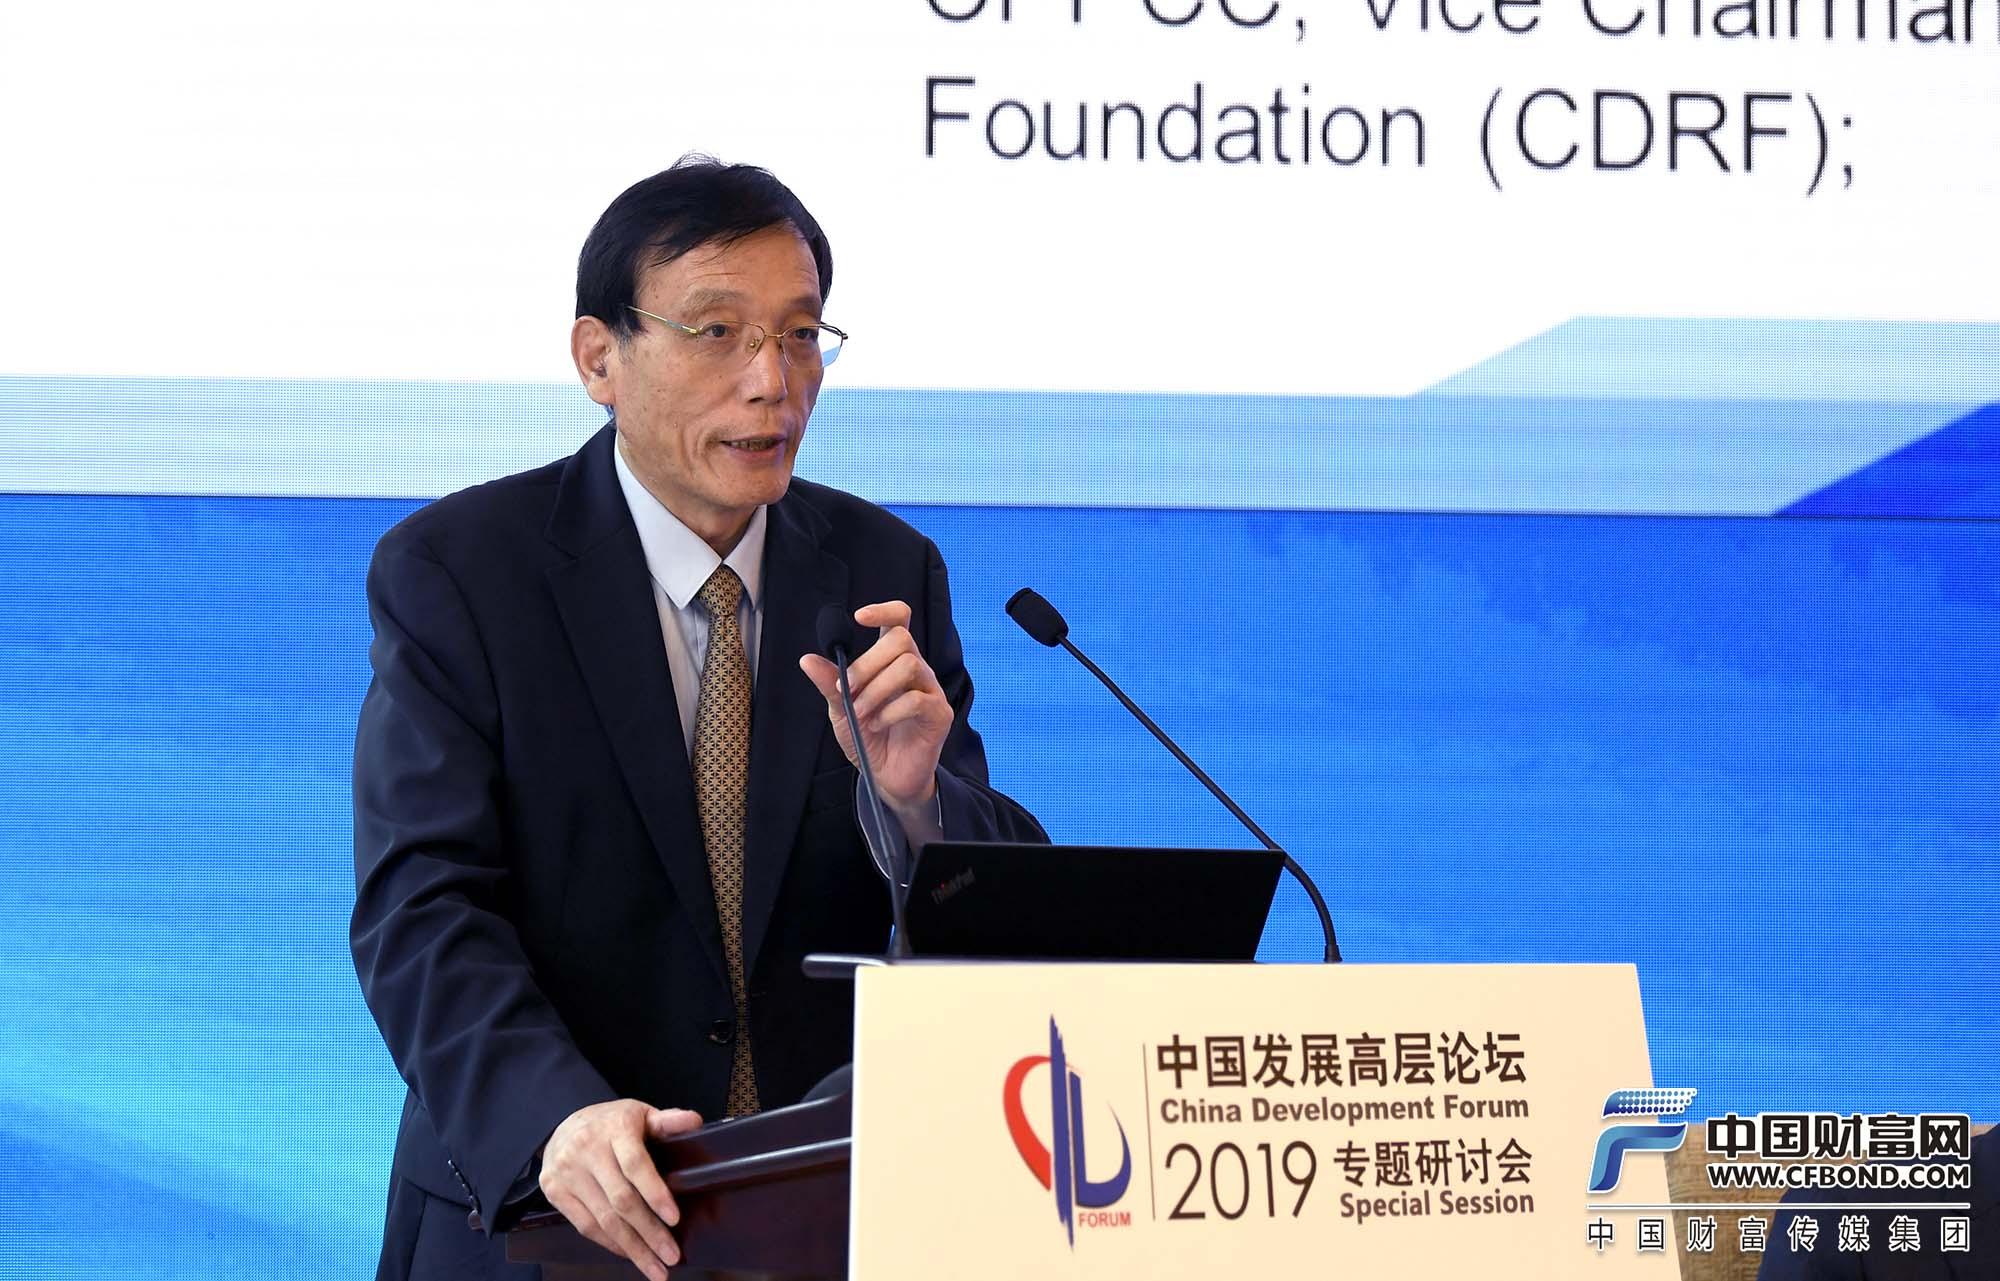 全国政协经济委员会副主任;中国发展研究基金会副理事长刘世锦发言